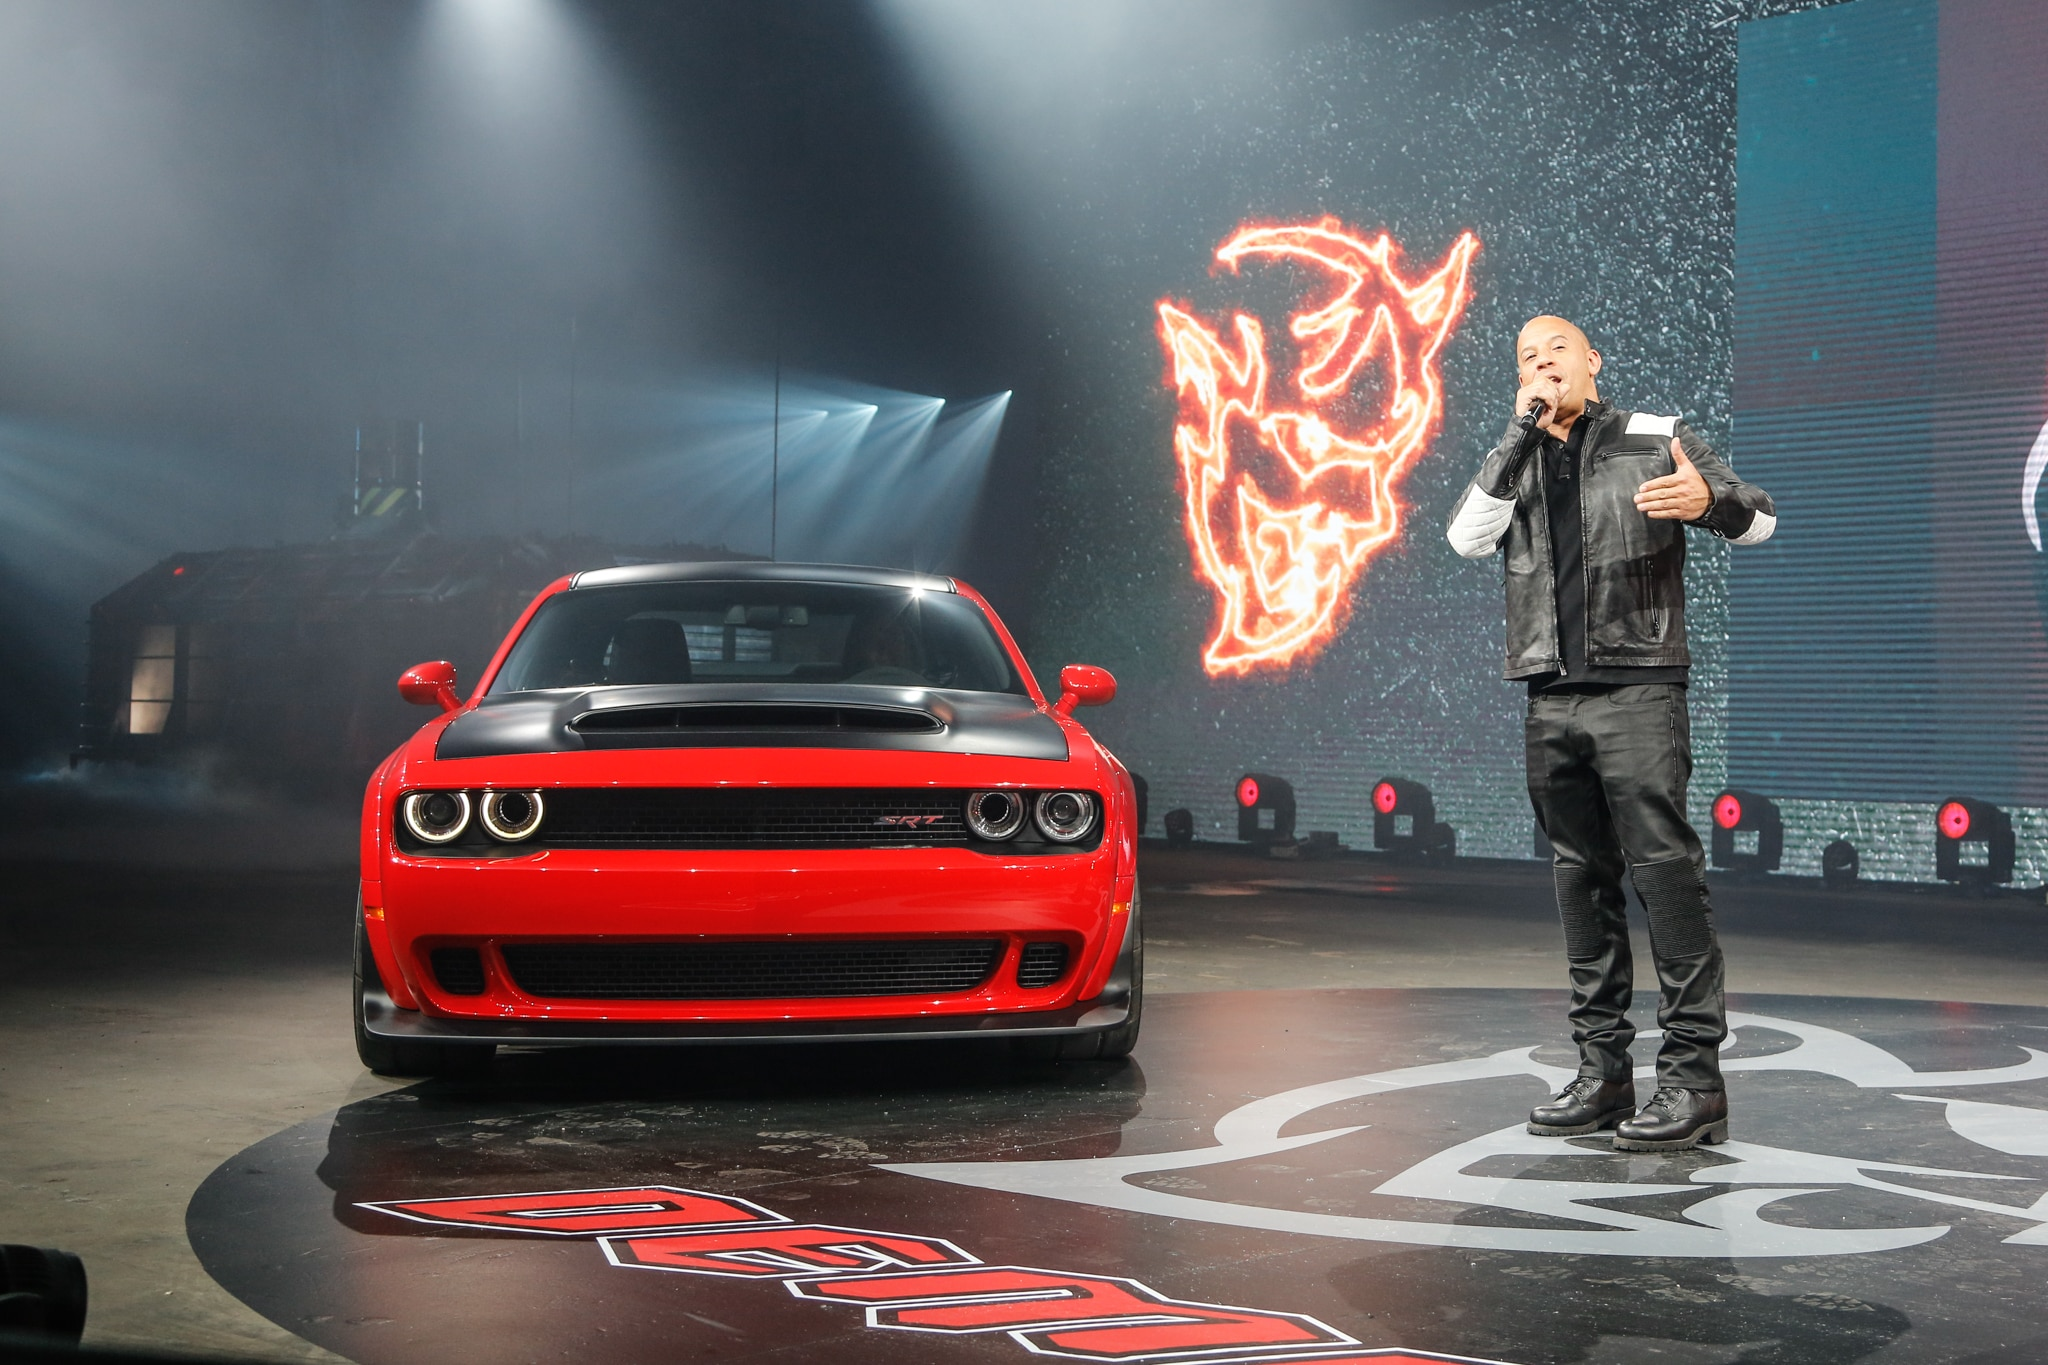 2018 Dodge Challenger Srt Demon Arrives With 840 Horsepower For The